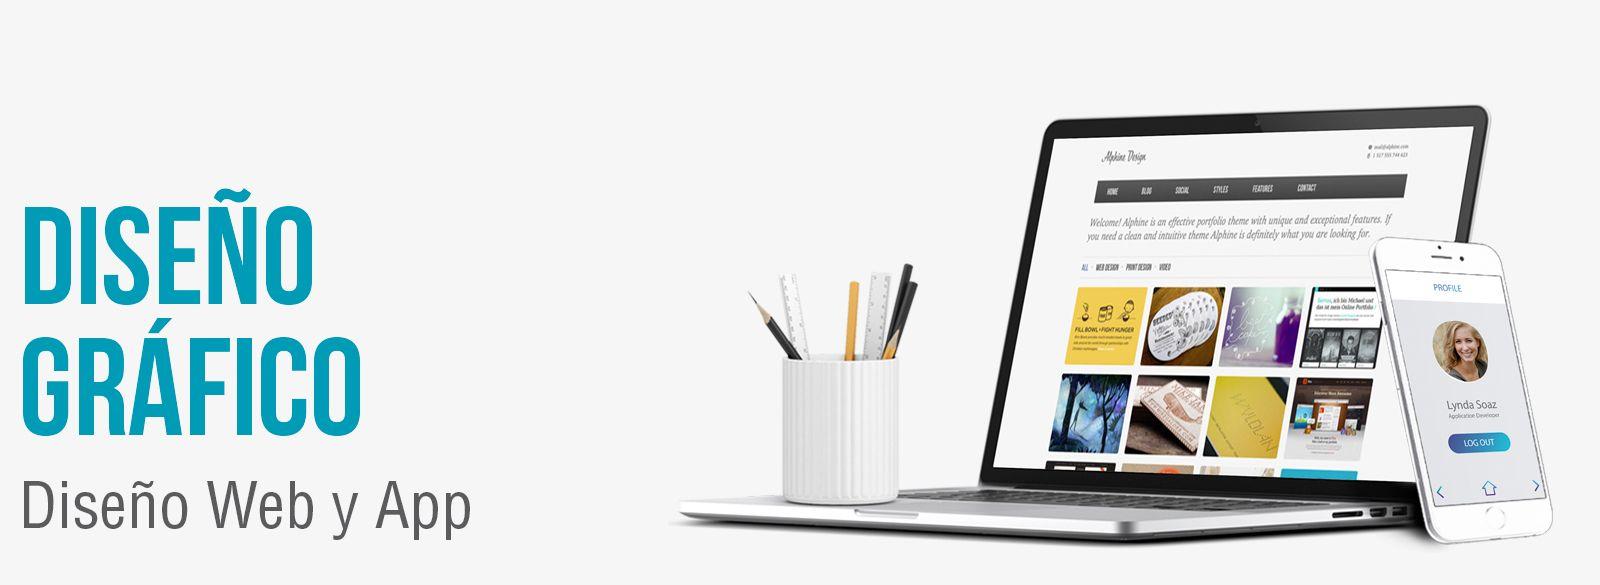 Diseño gráfico para páginas web y apps. Diseño gráfico aplicaciones móviles